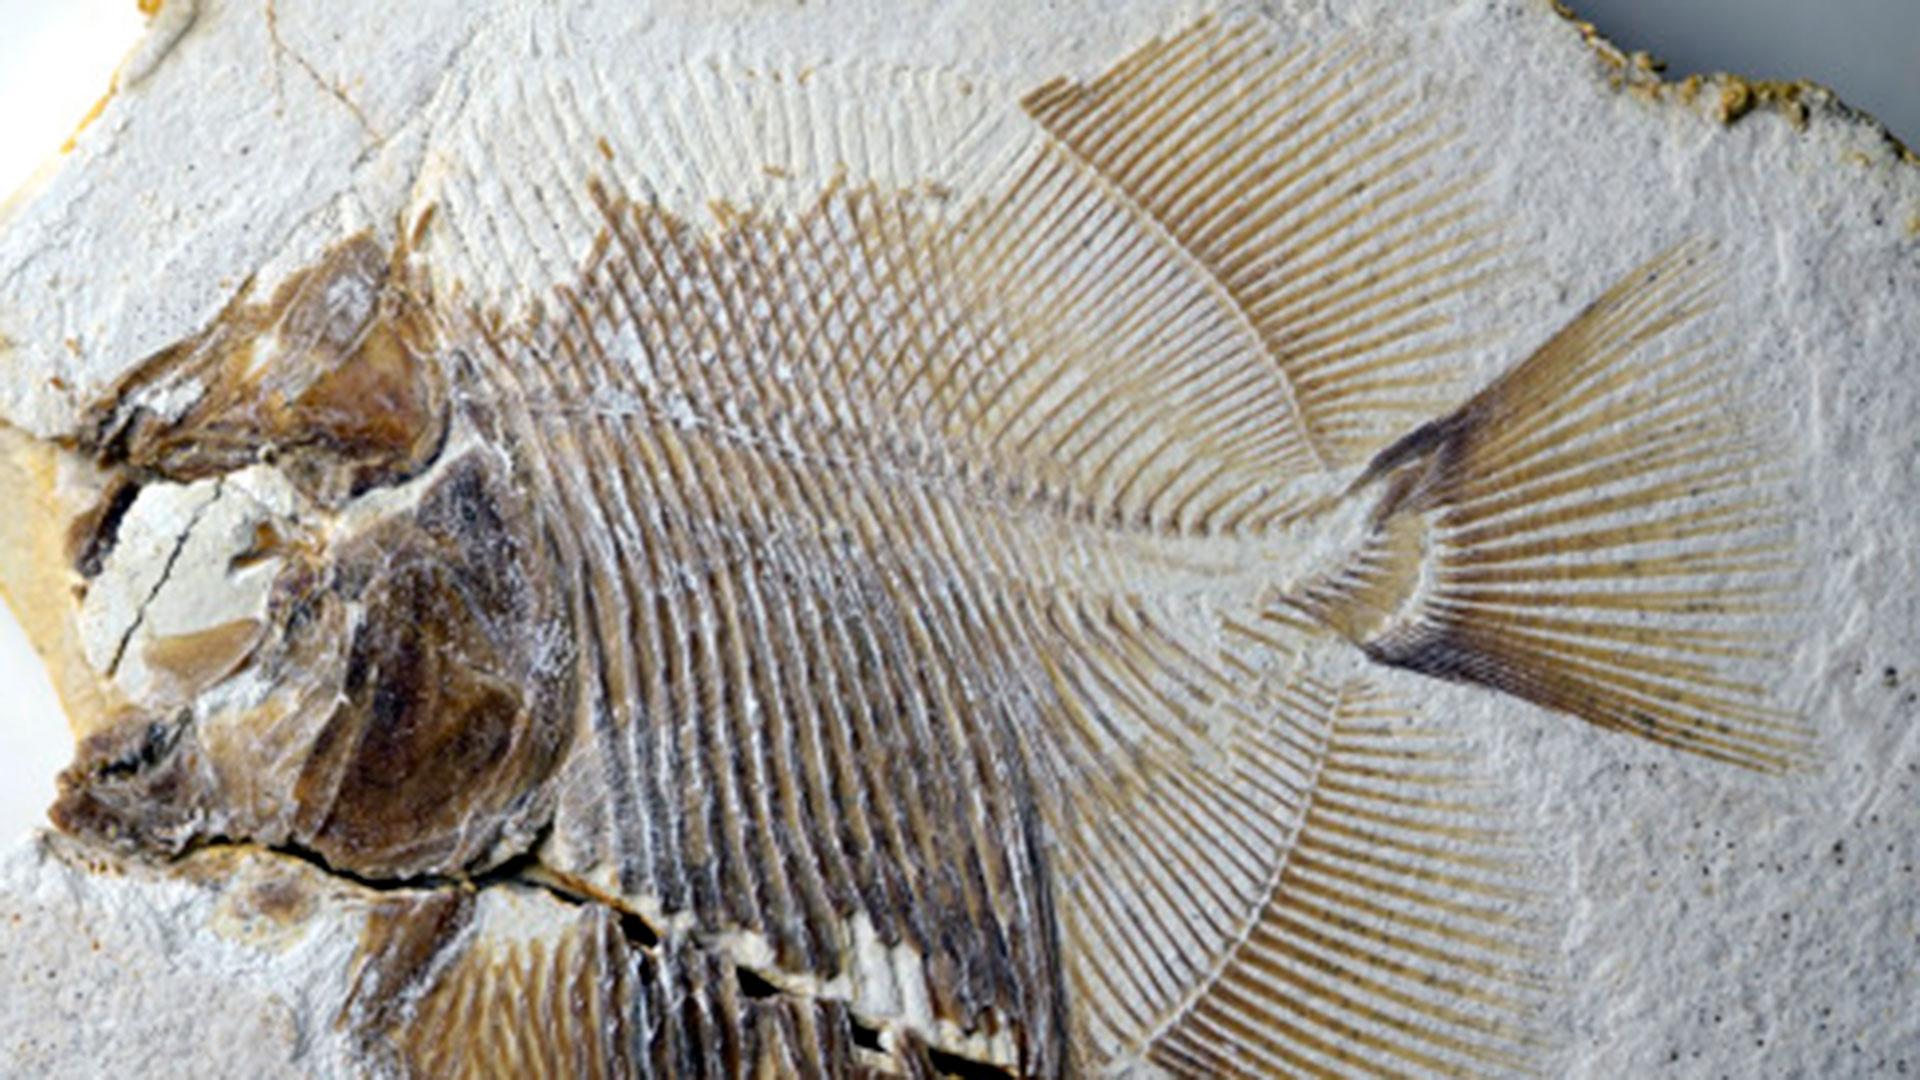 """""""El nuevo hallazgo representa el registro más antiguo de un pez huesudo que pica a otros peces, y, además, lo hacía en el mar"""", apuntaron investigadores quelas pirañas actuales viven en agua dulce"""